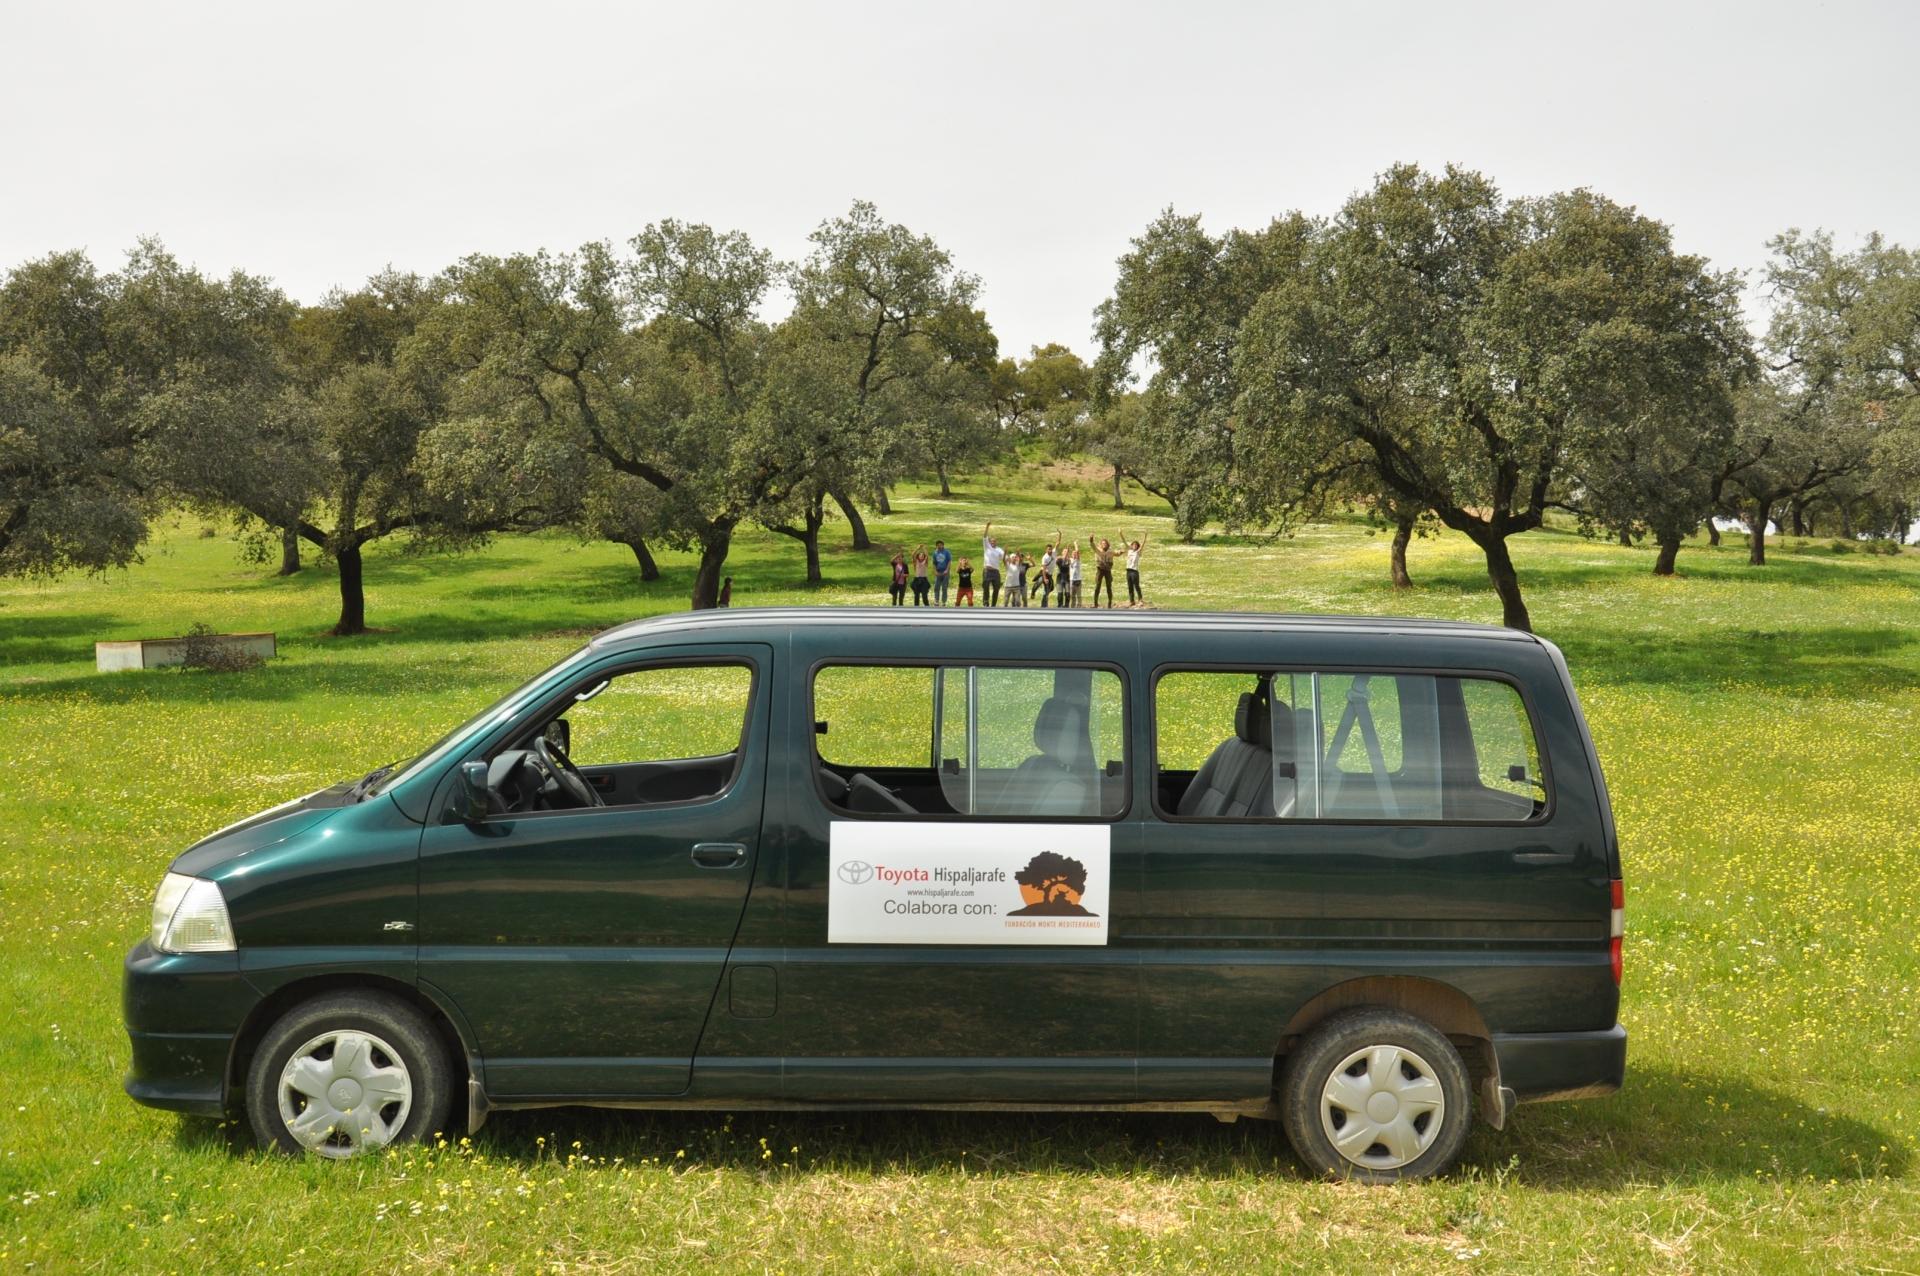 Toyota Hispaljarafe colabora con Fundación Monte Mediterráneo